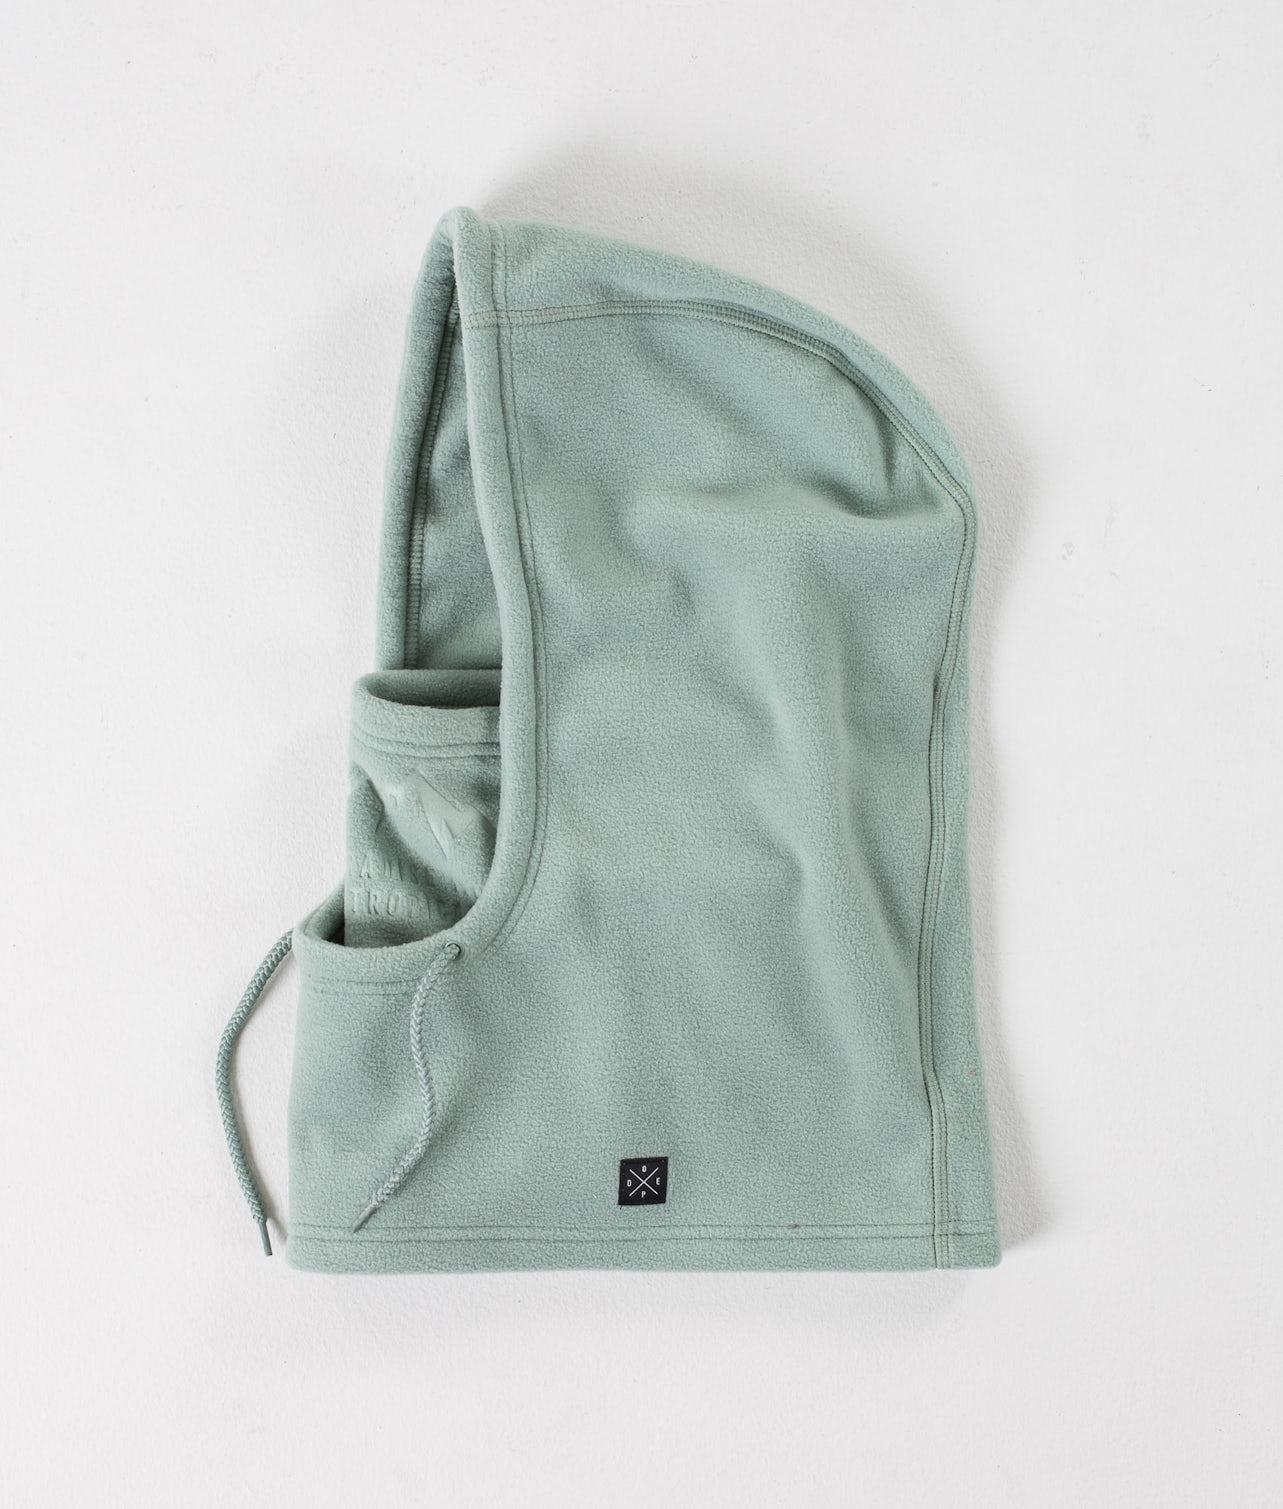 Köp Cozy Hood Ansiktsmask från Dope på Ridestore.se Hos oss har du alltid fri frakt, fri retur och 30 dagar öppet köp!